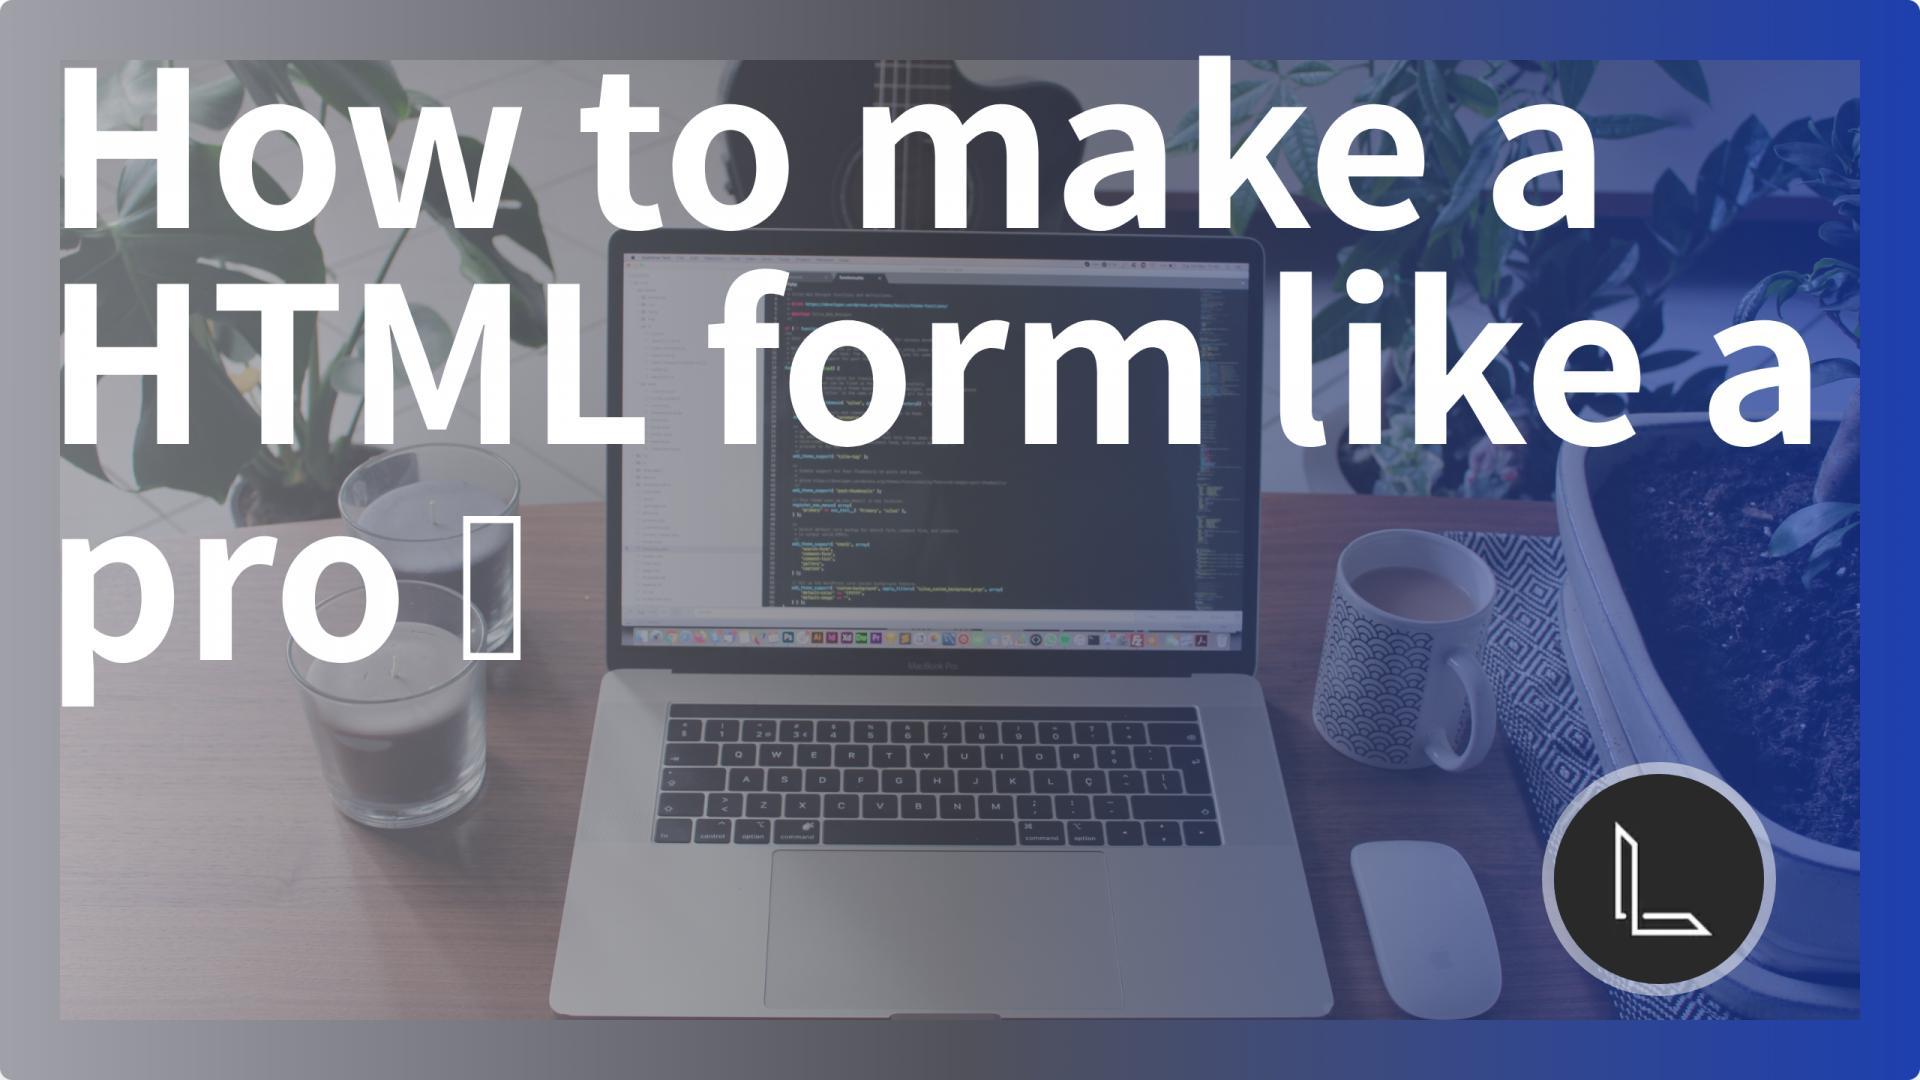 How to make a HTML form like a pro 🚀